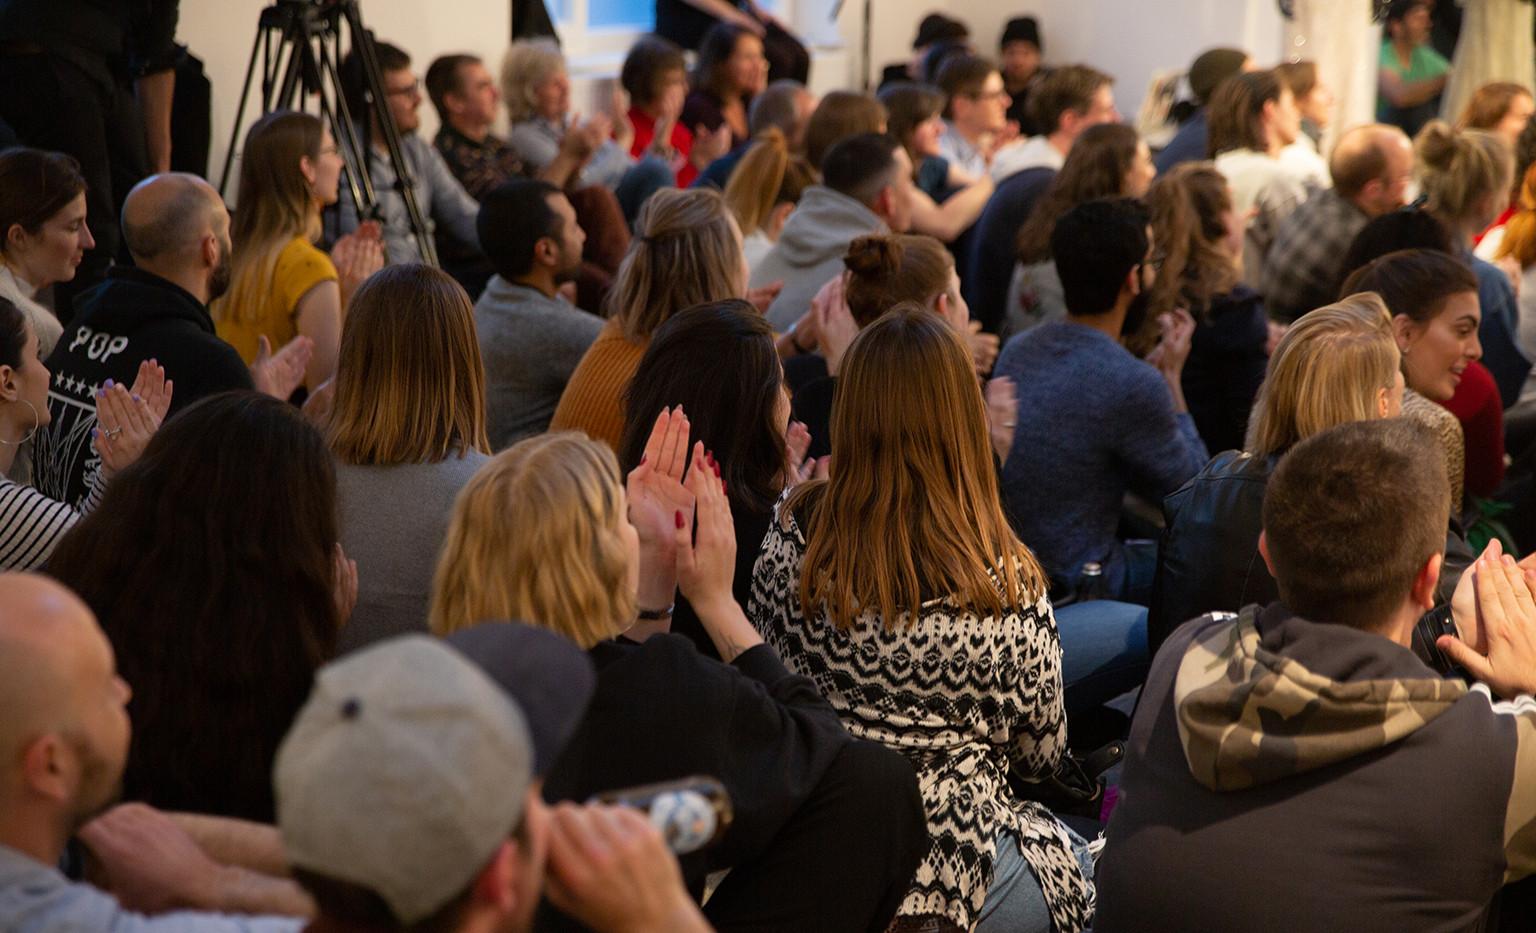 Das Publikum! The audience!